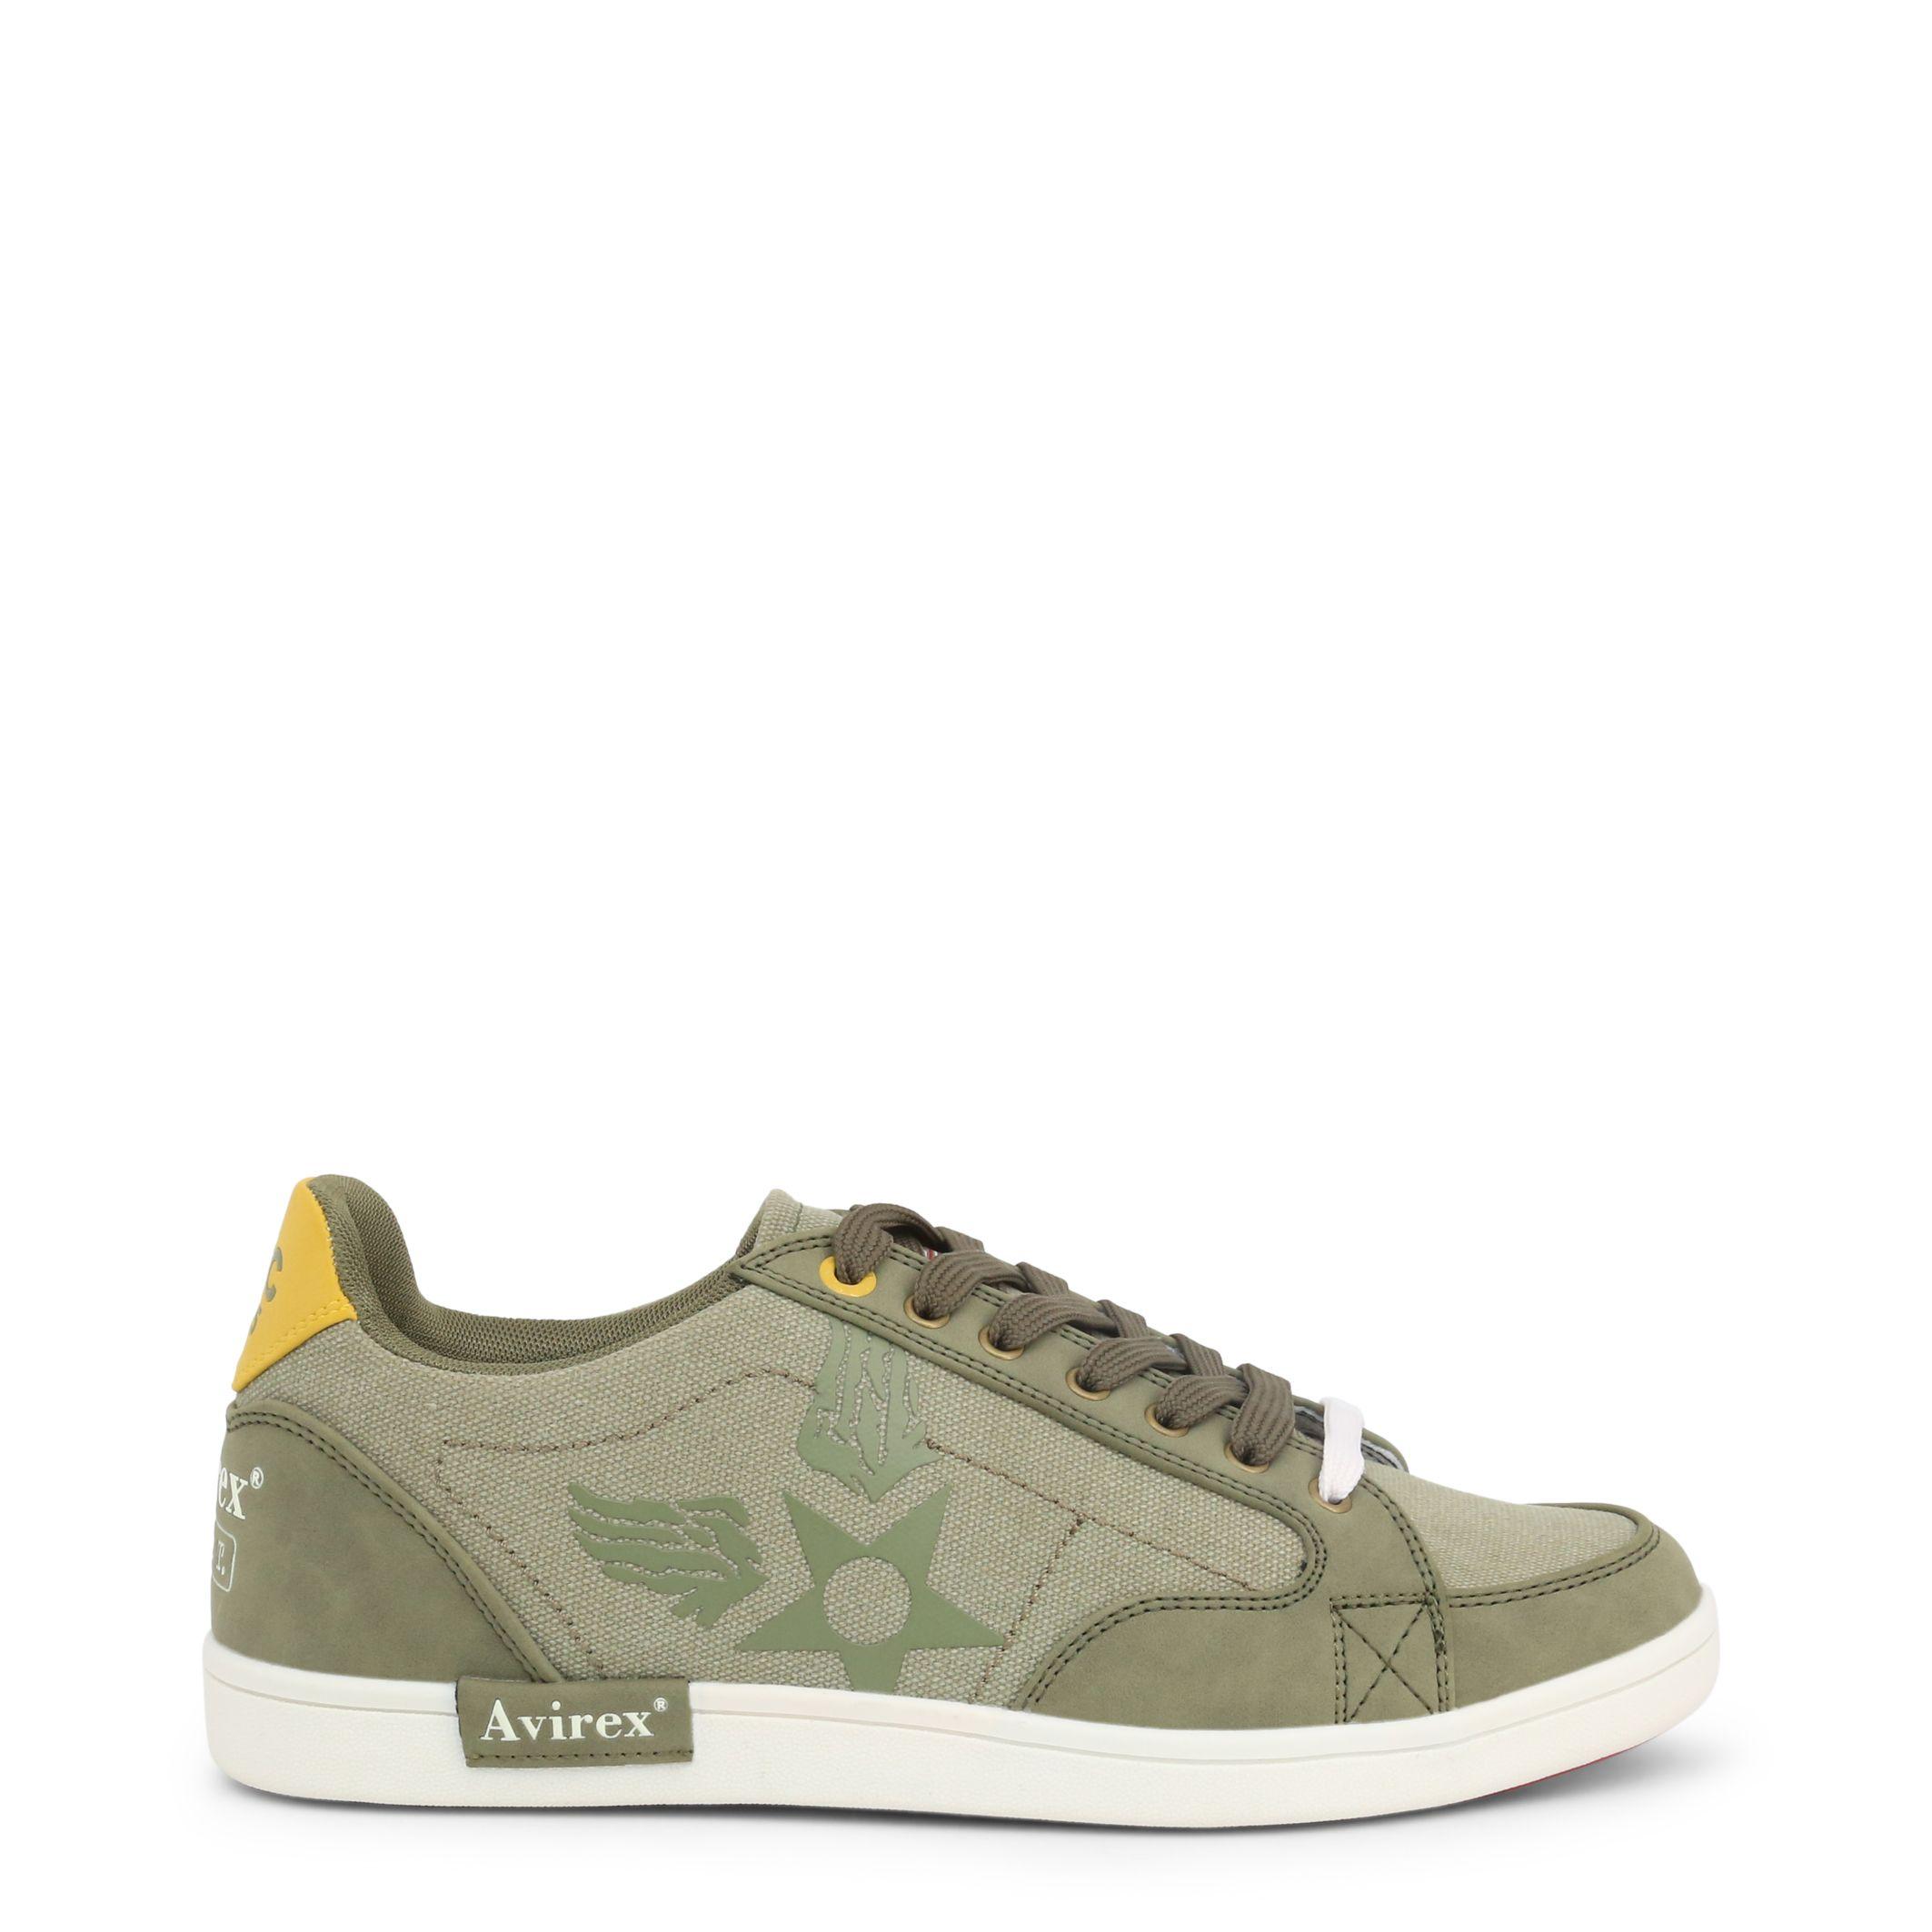 Chaussures Avirex – AV01M80637